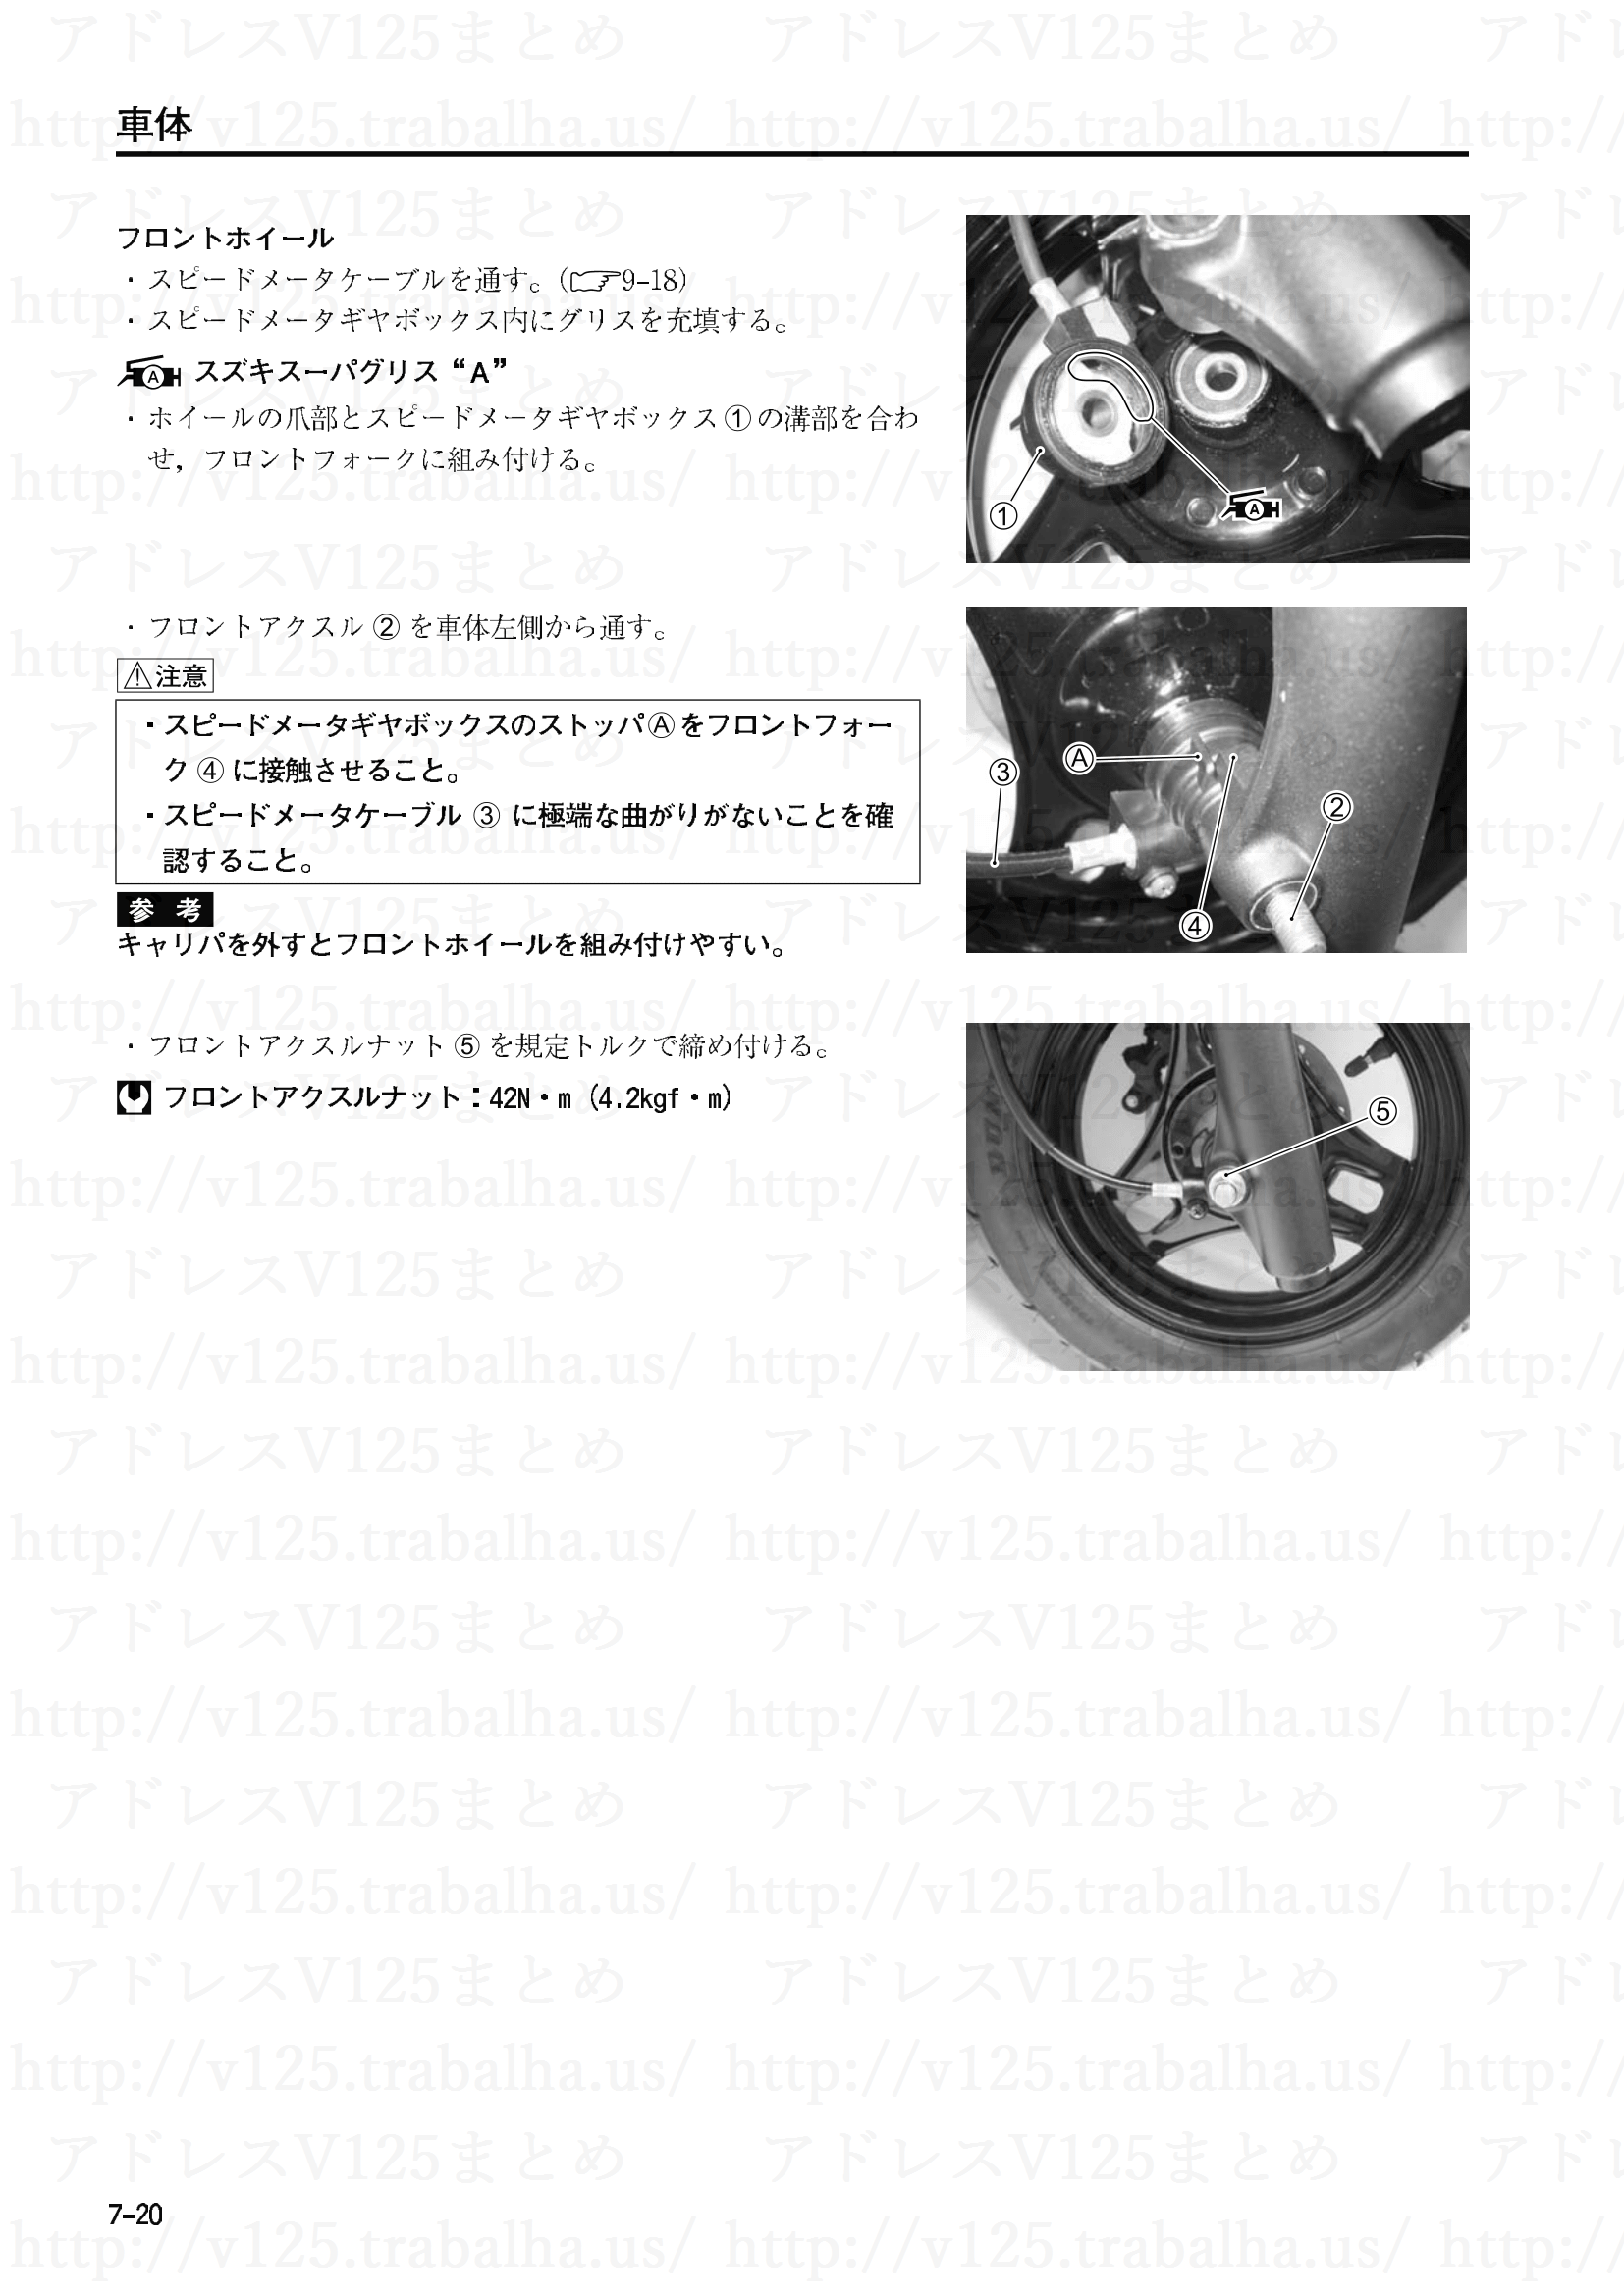 7-20【車体】組立てと取付け4